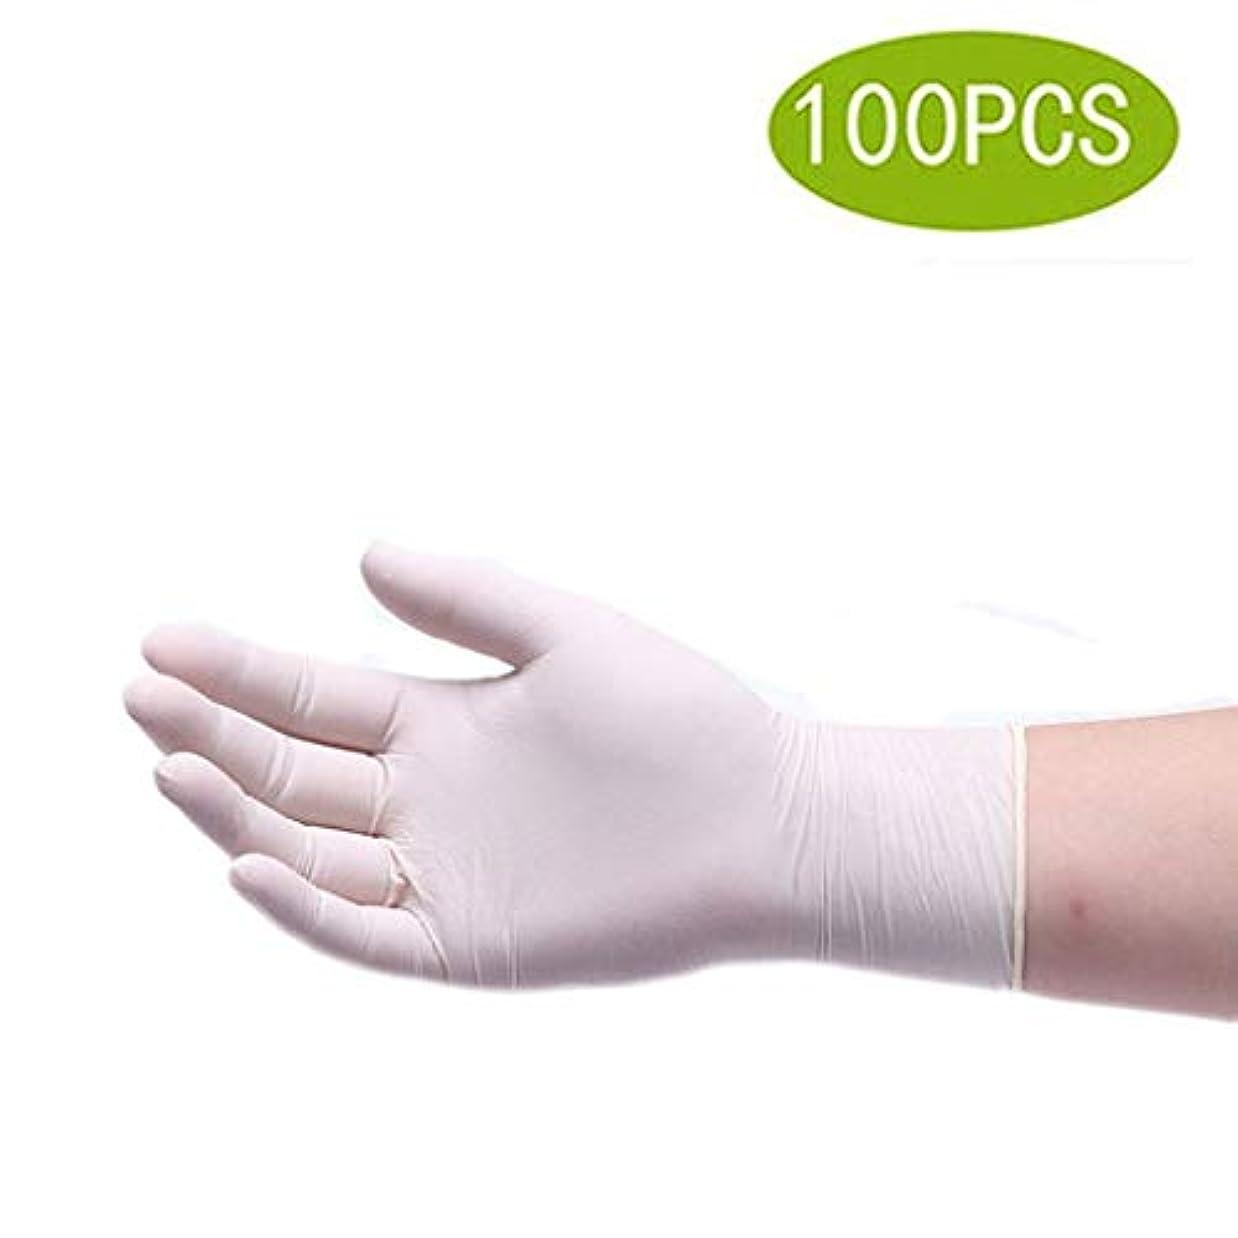 特権歯科医人道的食品取扱のための使い捨て手袋、作業ニトリル手袋、ラテックスフリー手袋、使い捨て手袋、パウダーフリーの、滅菌済みでない使い捨て安全手袋、ミディアム(100個入り) (Color : White, Size : S)